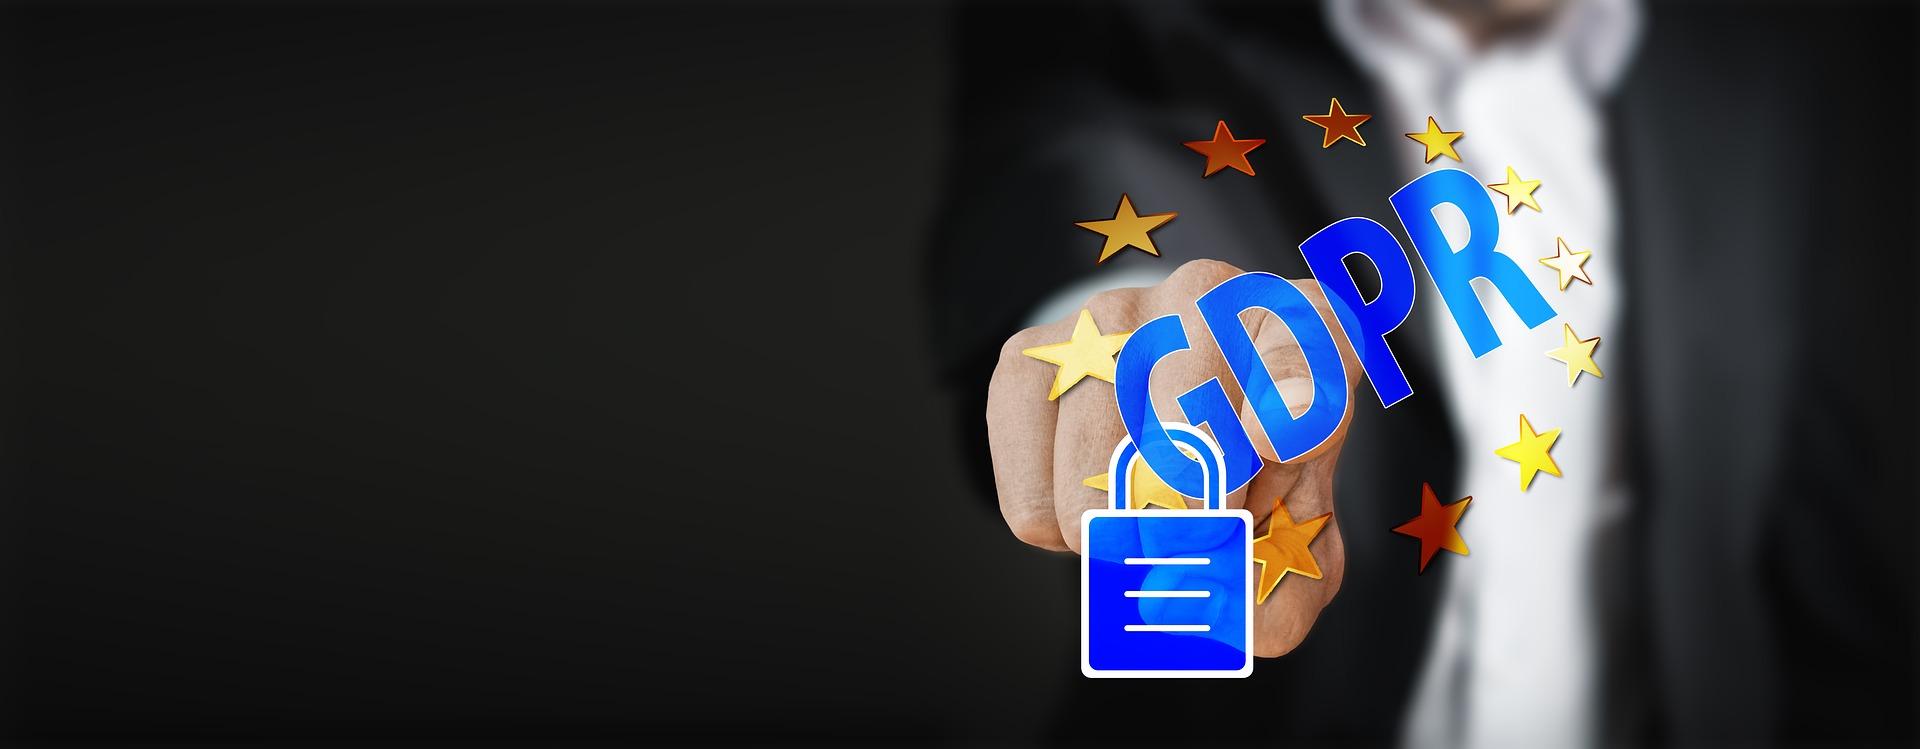 Réussir_la_protection_des_données_en_24_heures